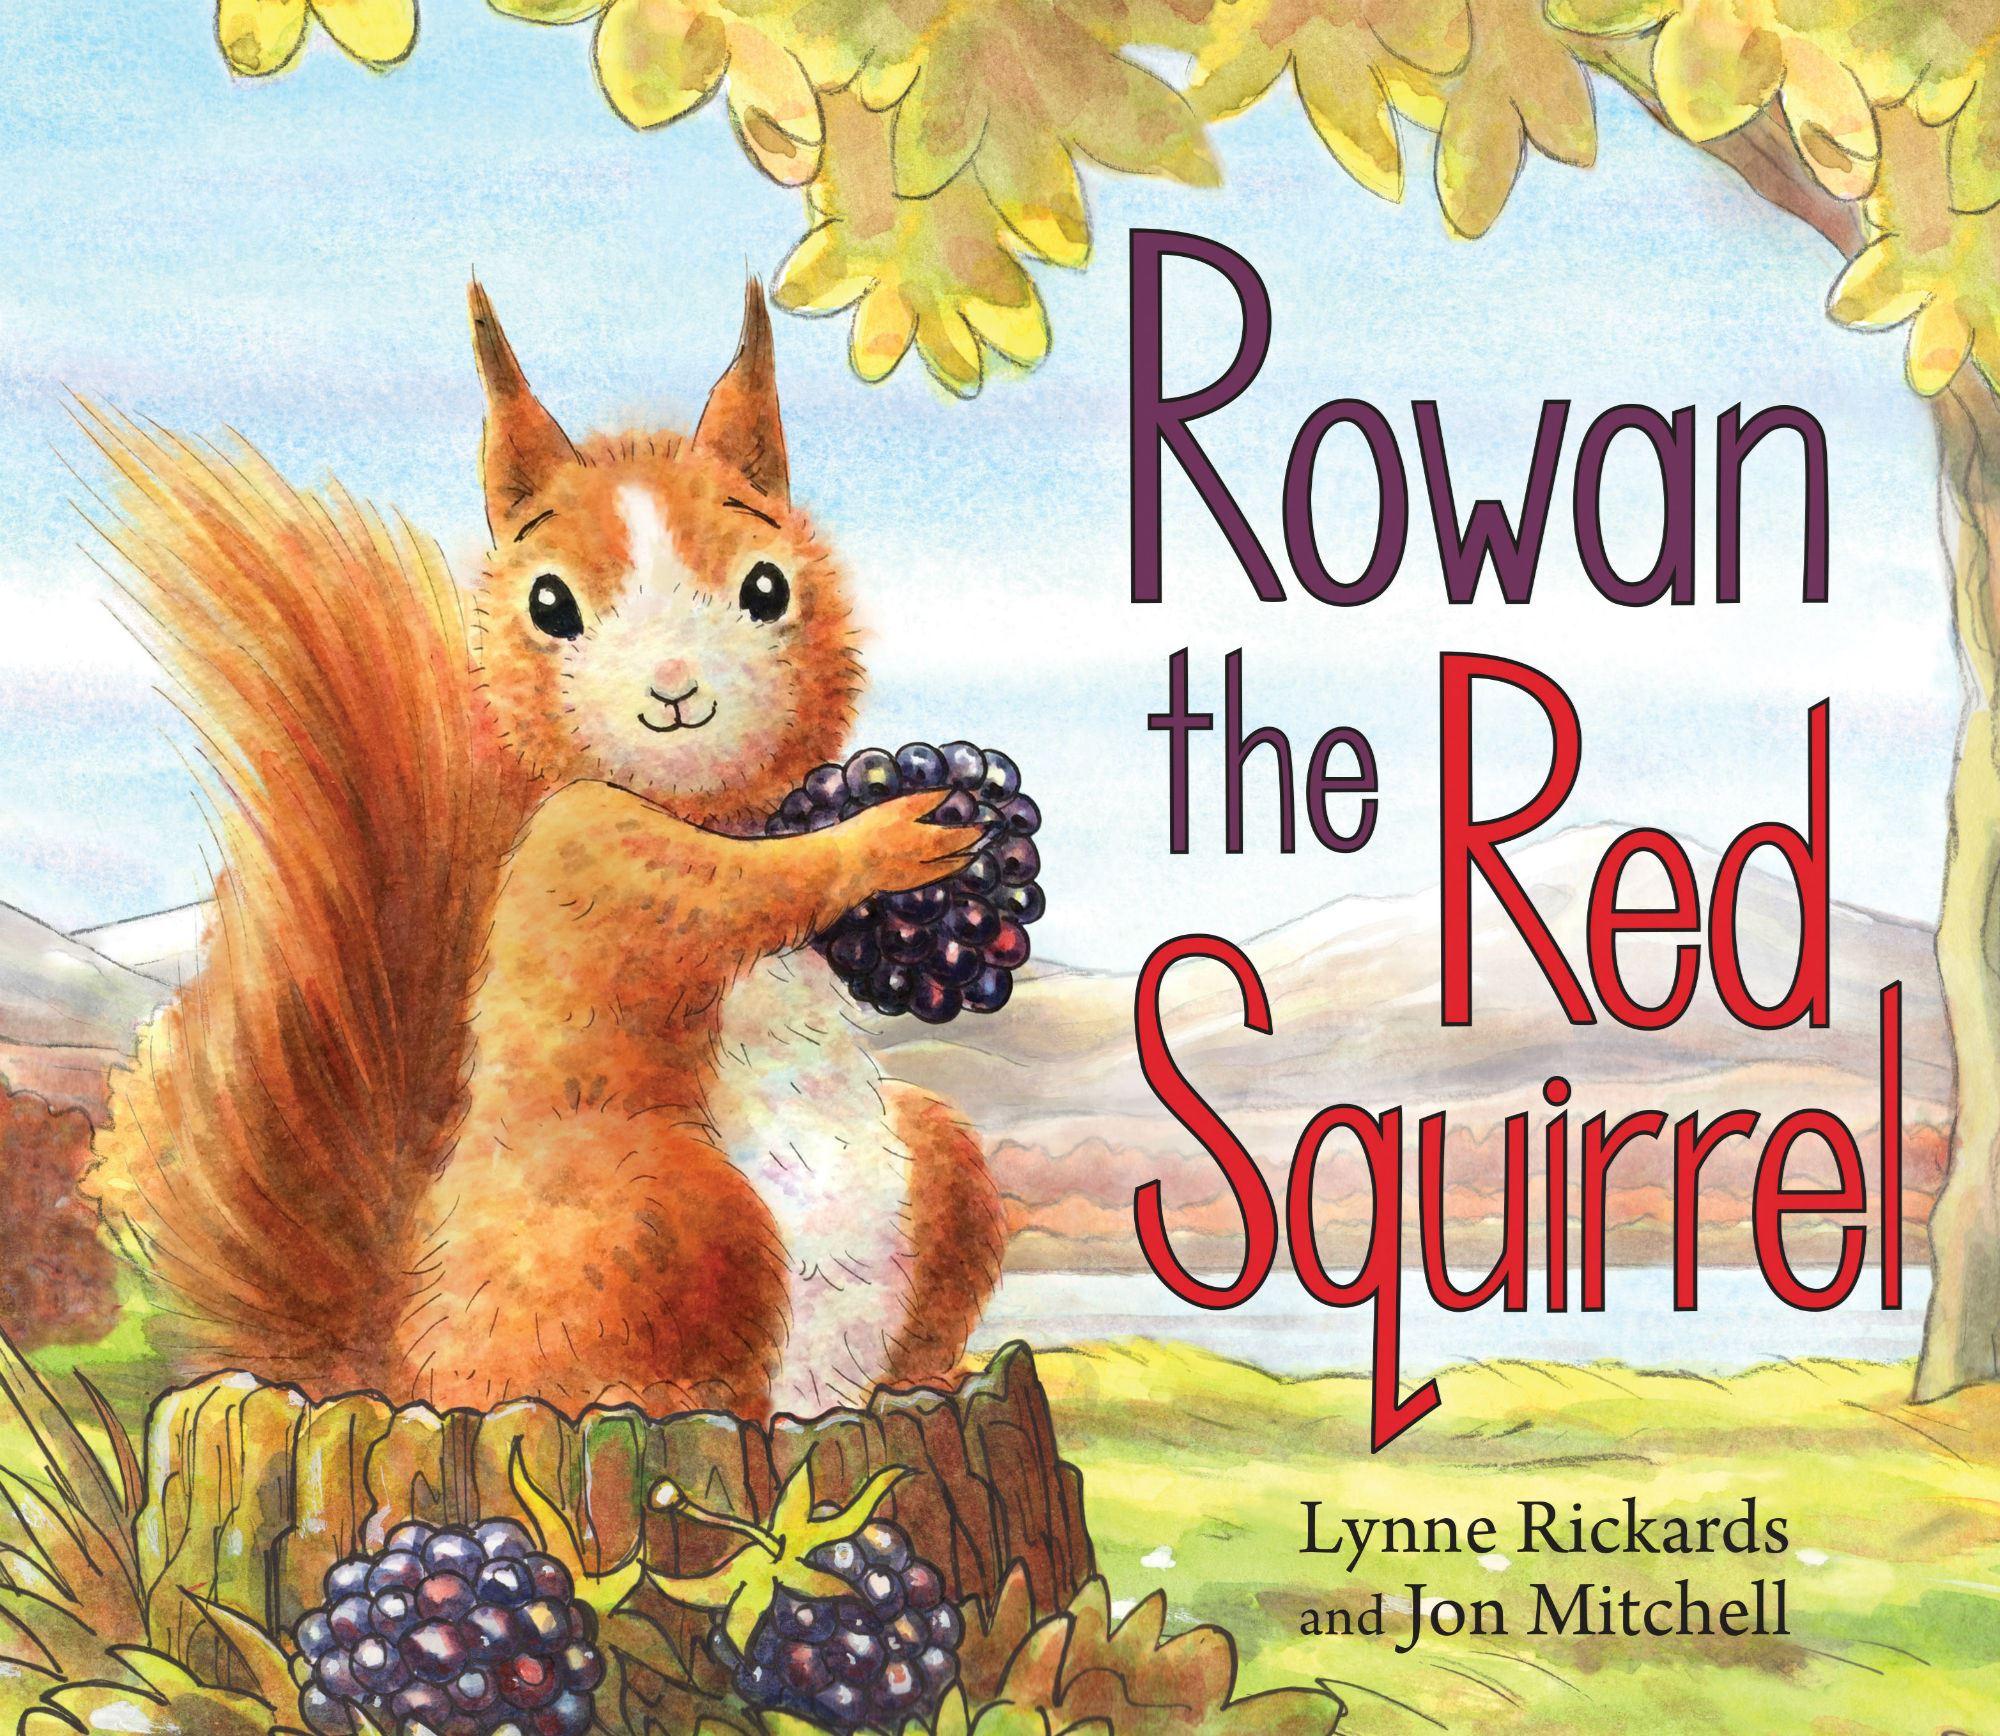 Rowan the Red Squirrel (Children's Book)